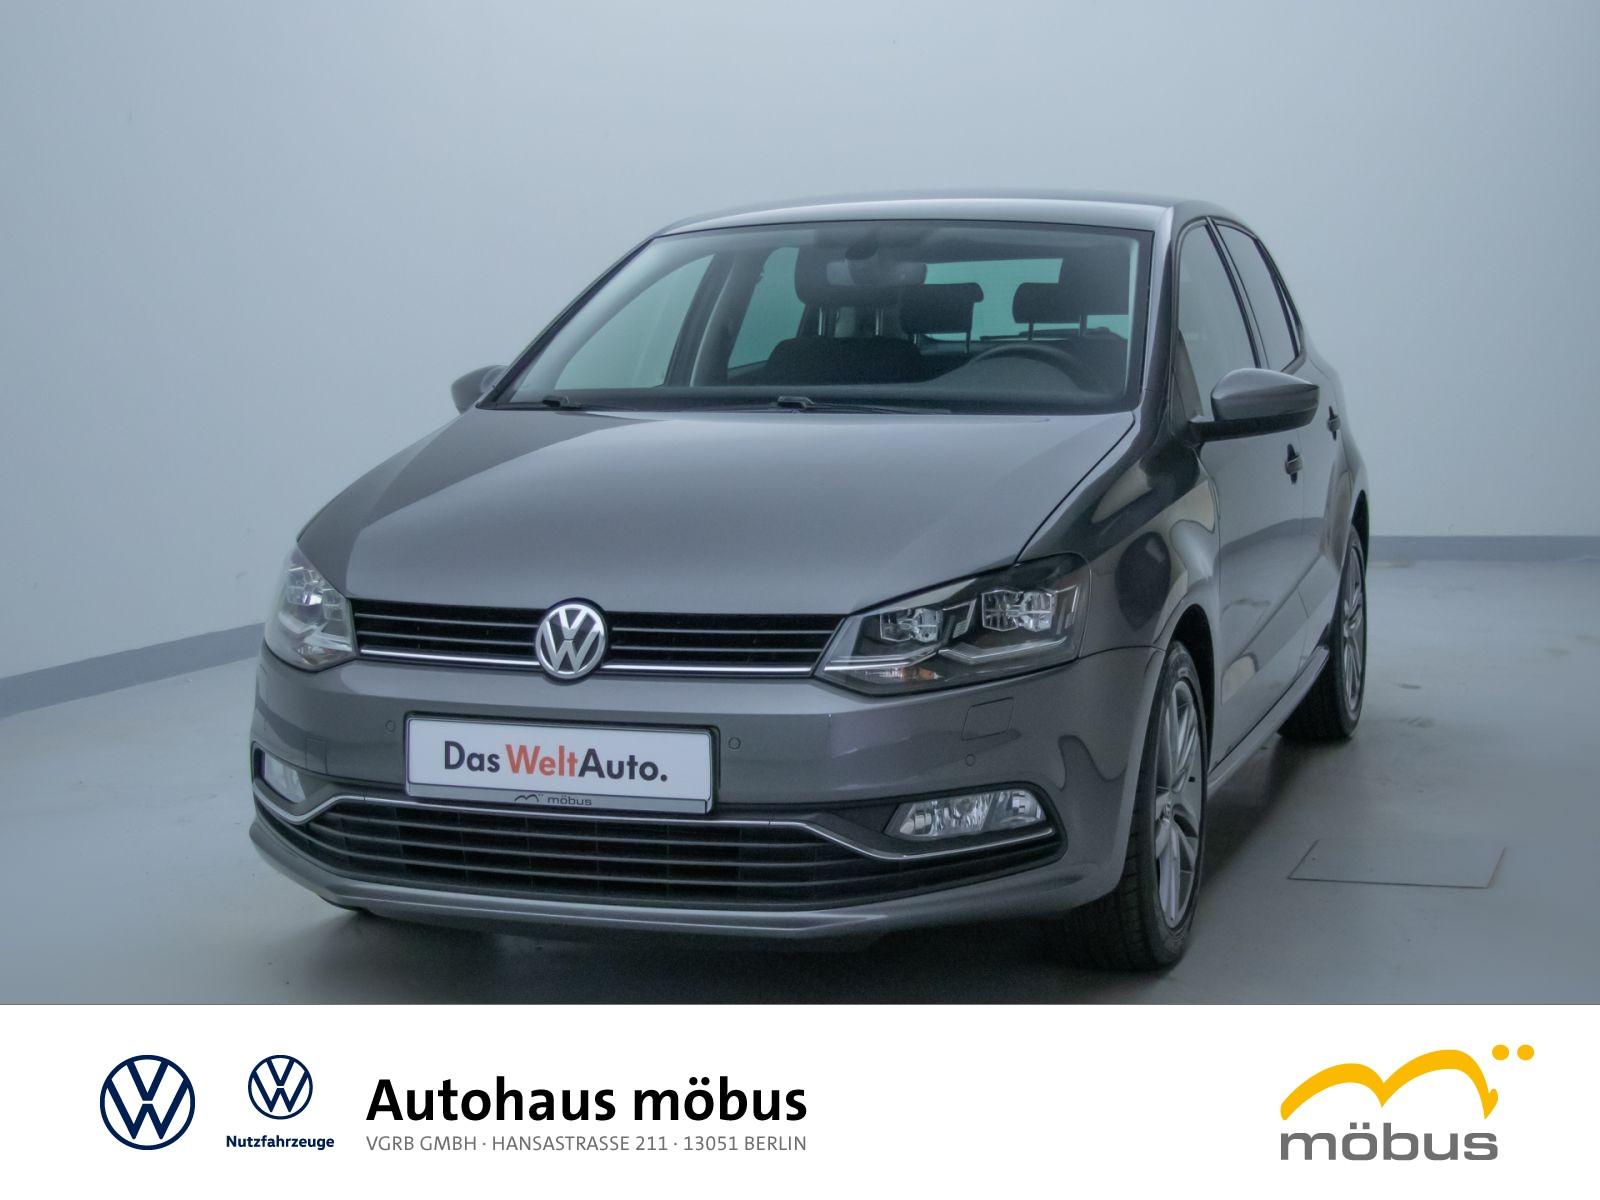 Volkswagen Polo 1.2 TSI DSG*ALLSTAR*LED*USB*KLIMA*NAVI*GRA*, Jahr 2017, Benzin